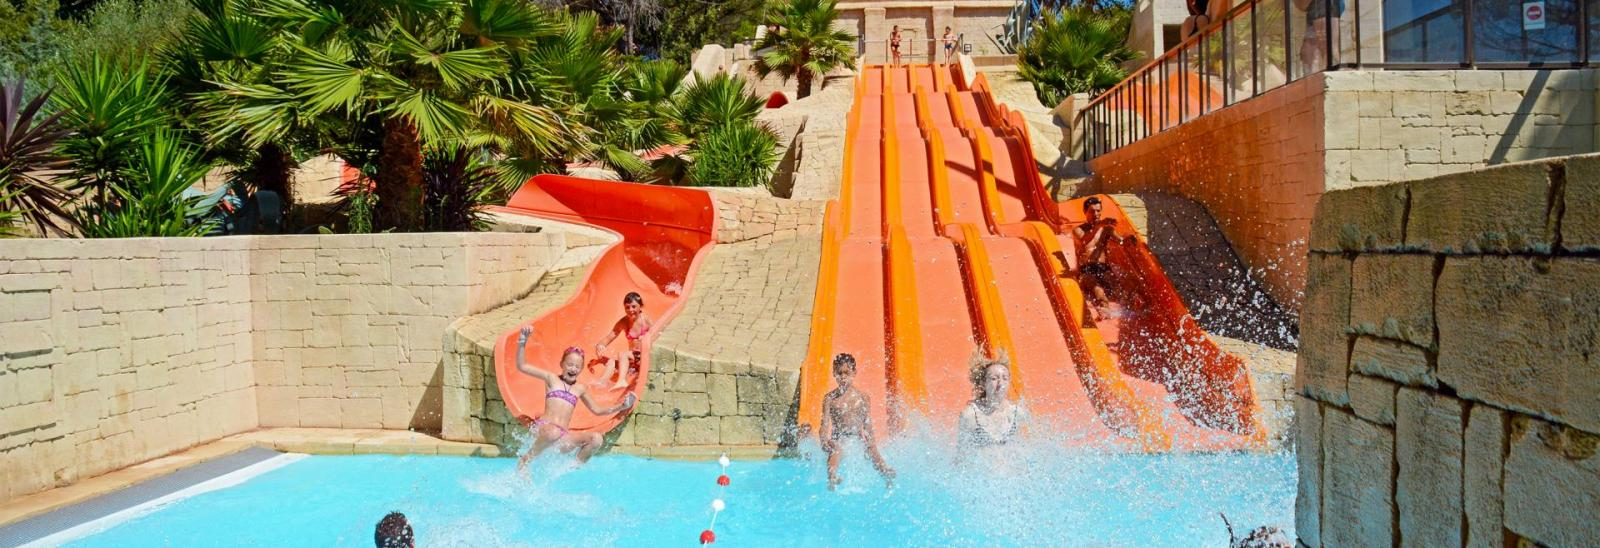 Camping Avec Parc Aquatique Var, Sud De La France : Piscines ... dedans Camping Bord De Mer Mediterranee Avec Piscine